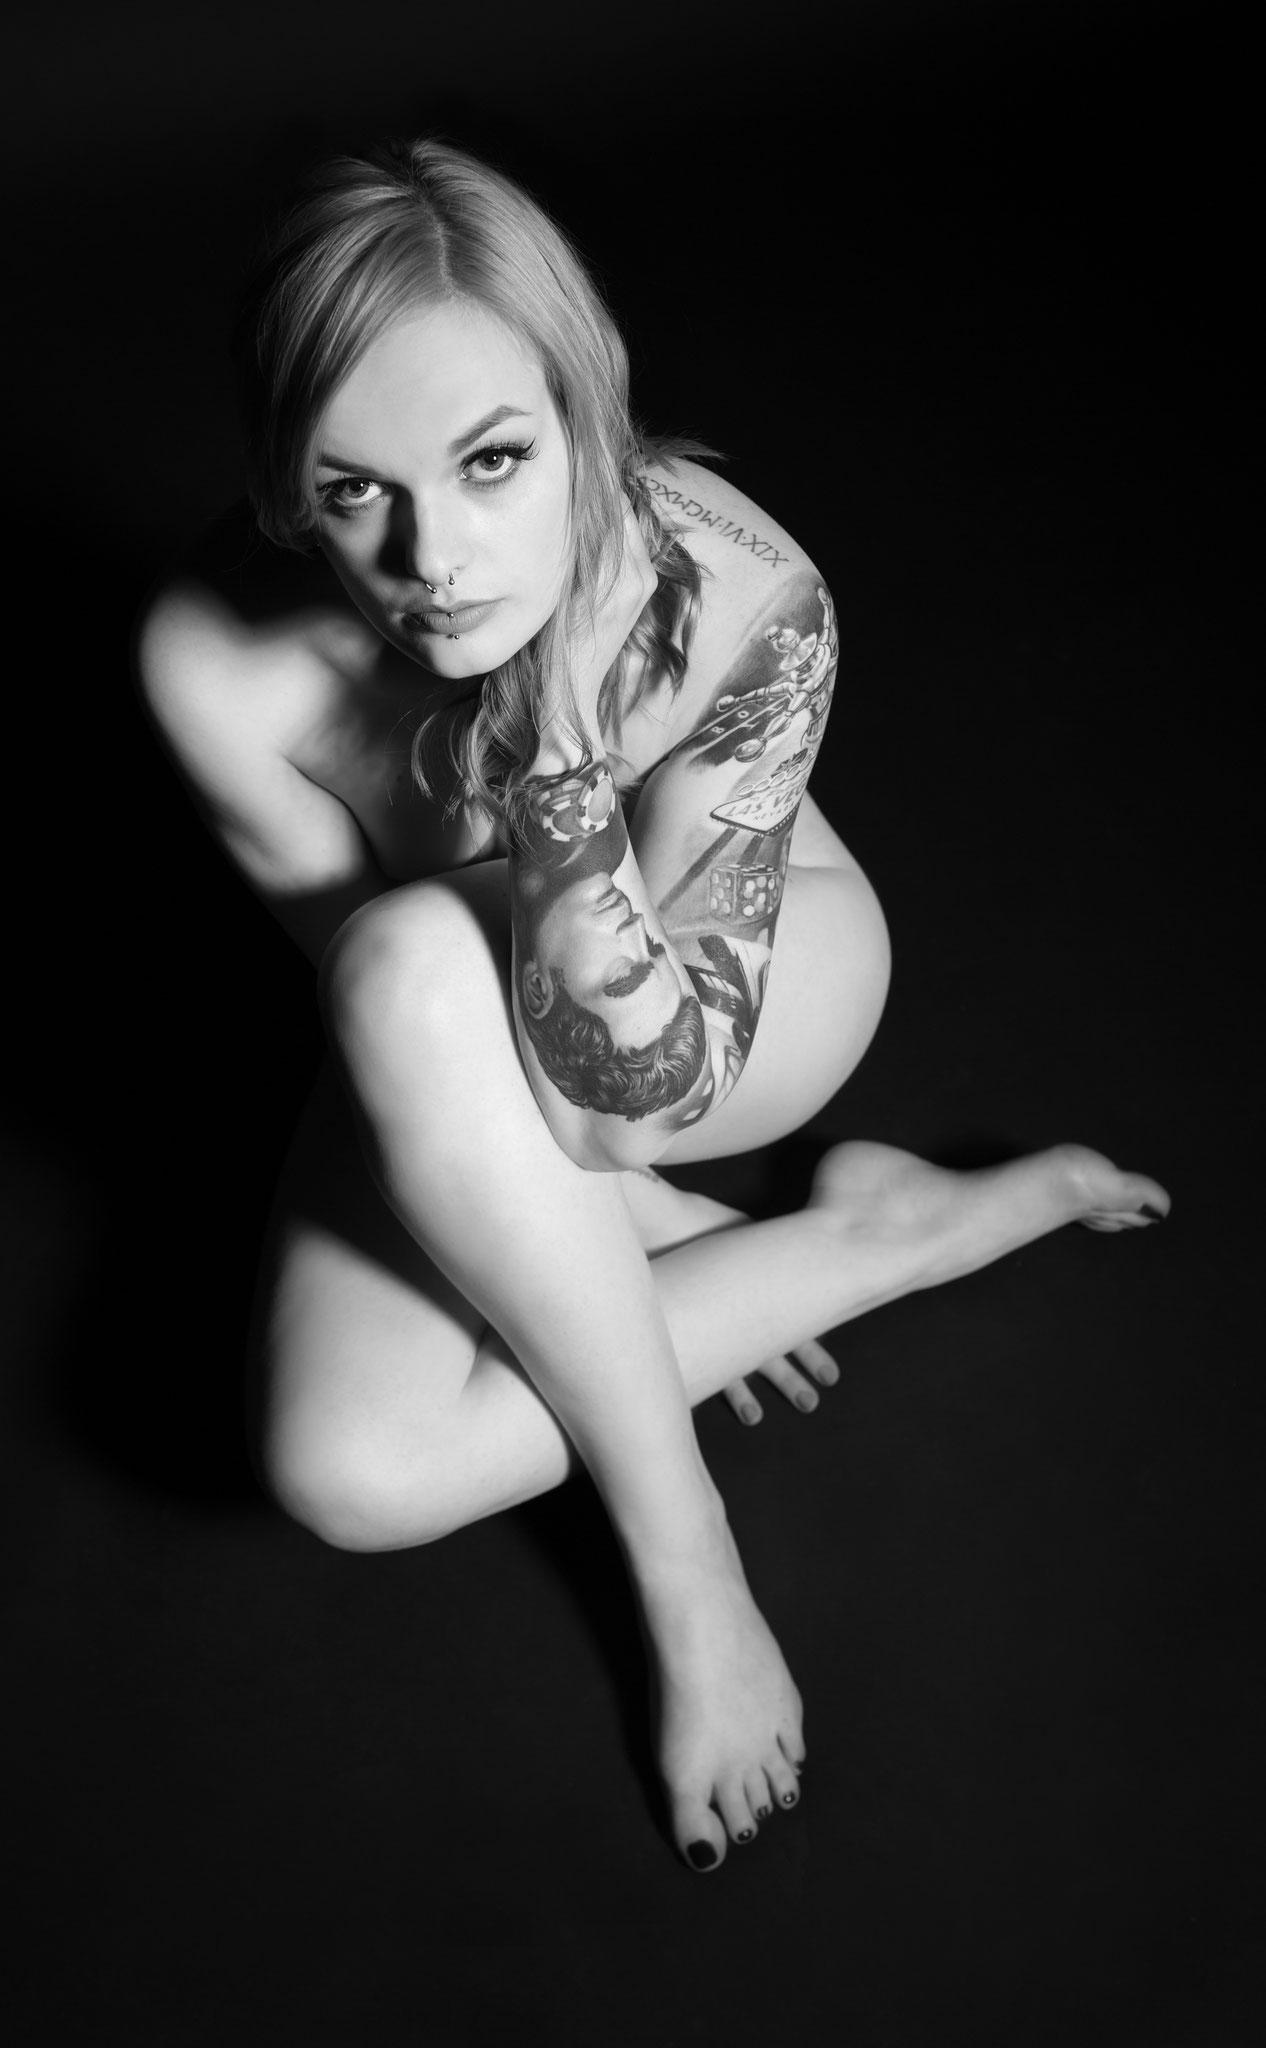 Sexy Pose beim Aktshooting im Fotostudio für Aktphotographie